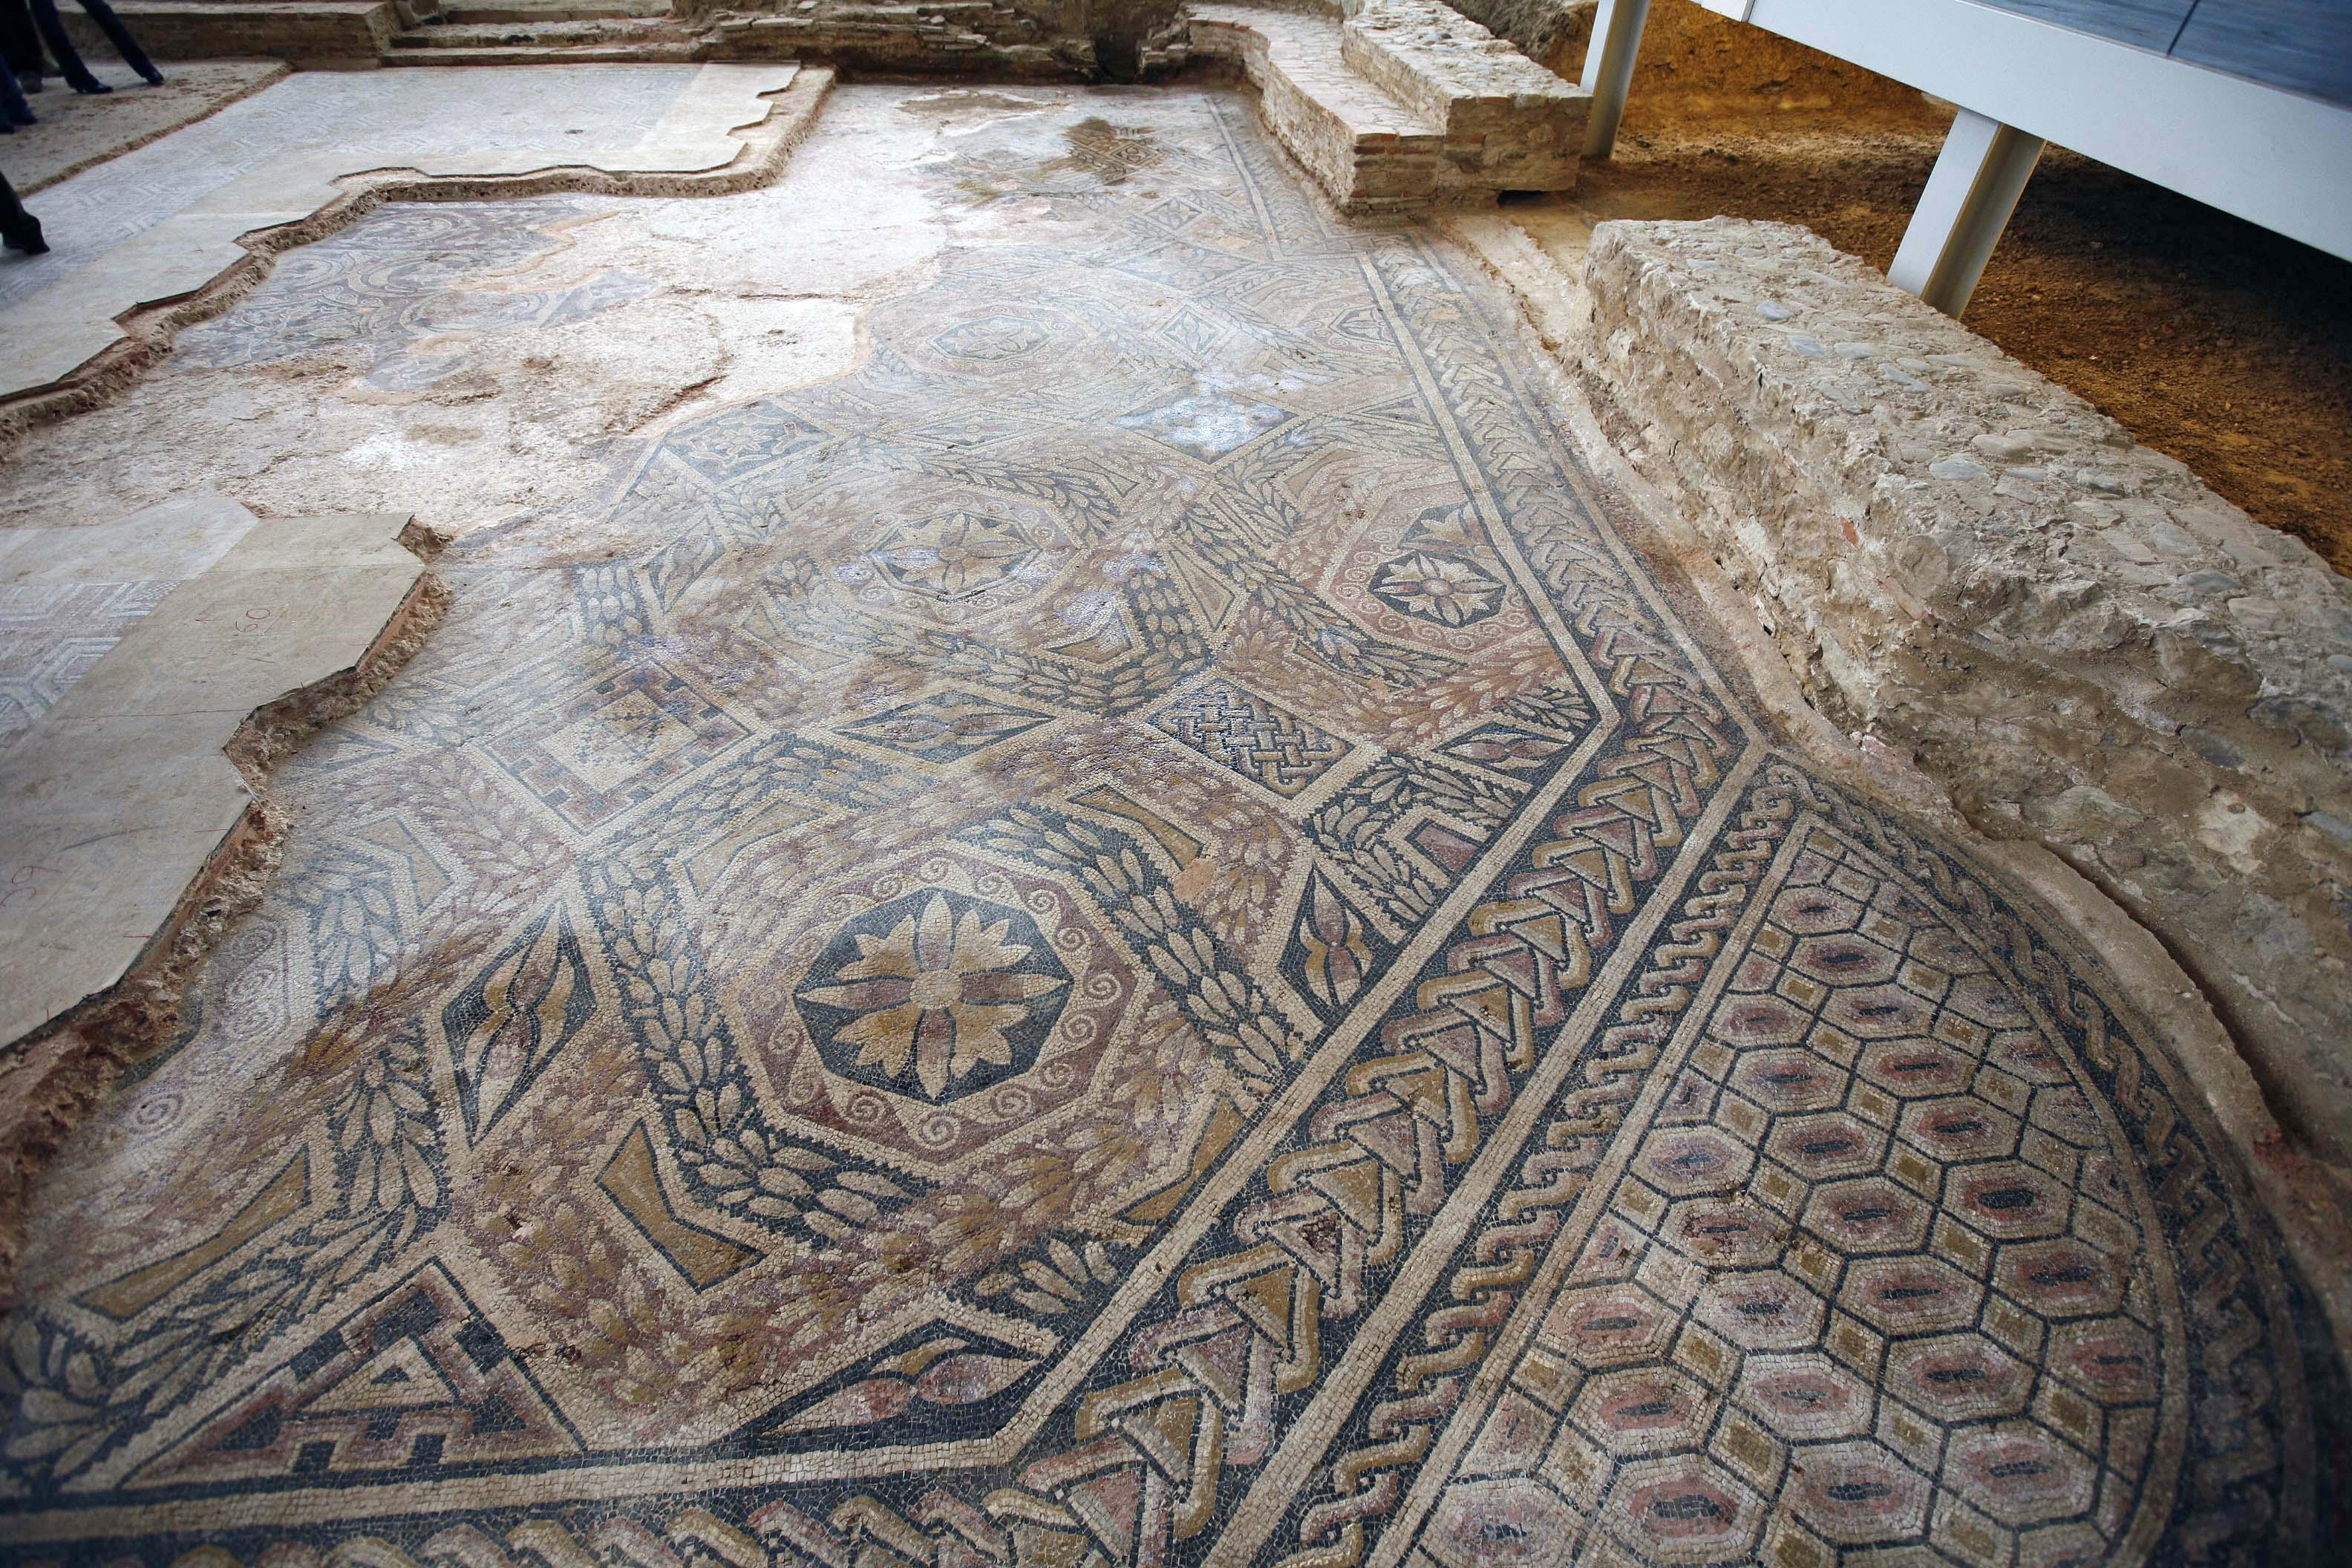 Descubierto en buen estado una parte del mosaico hallado en una tercera superficie en la zona de los baños de la Villa Romana La Olmeda